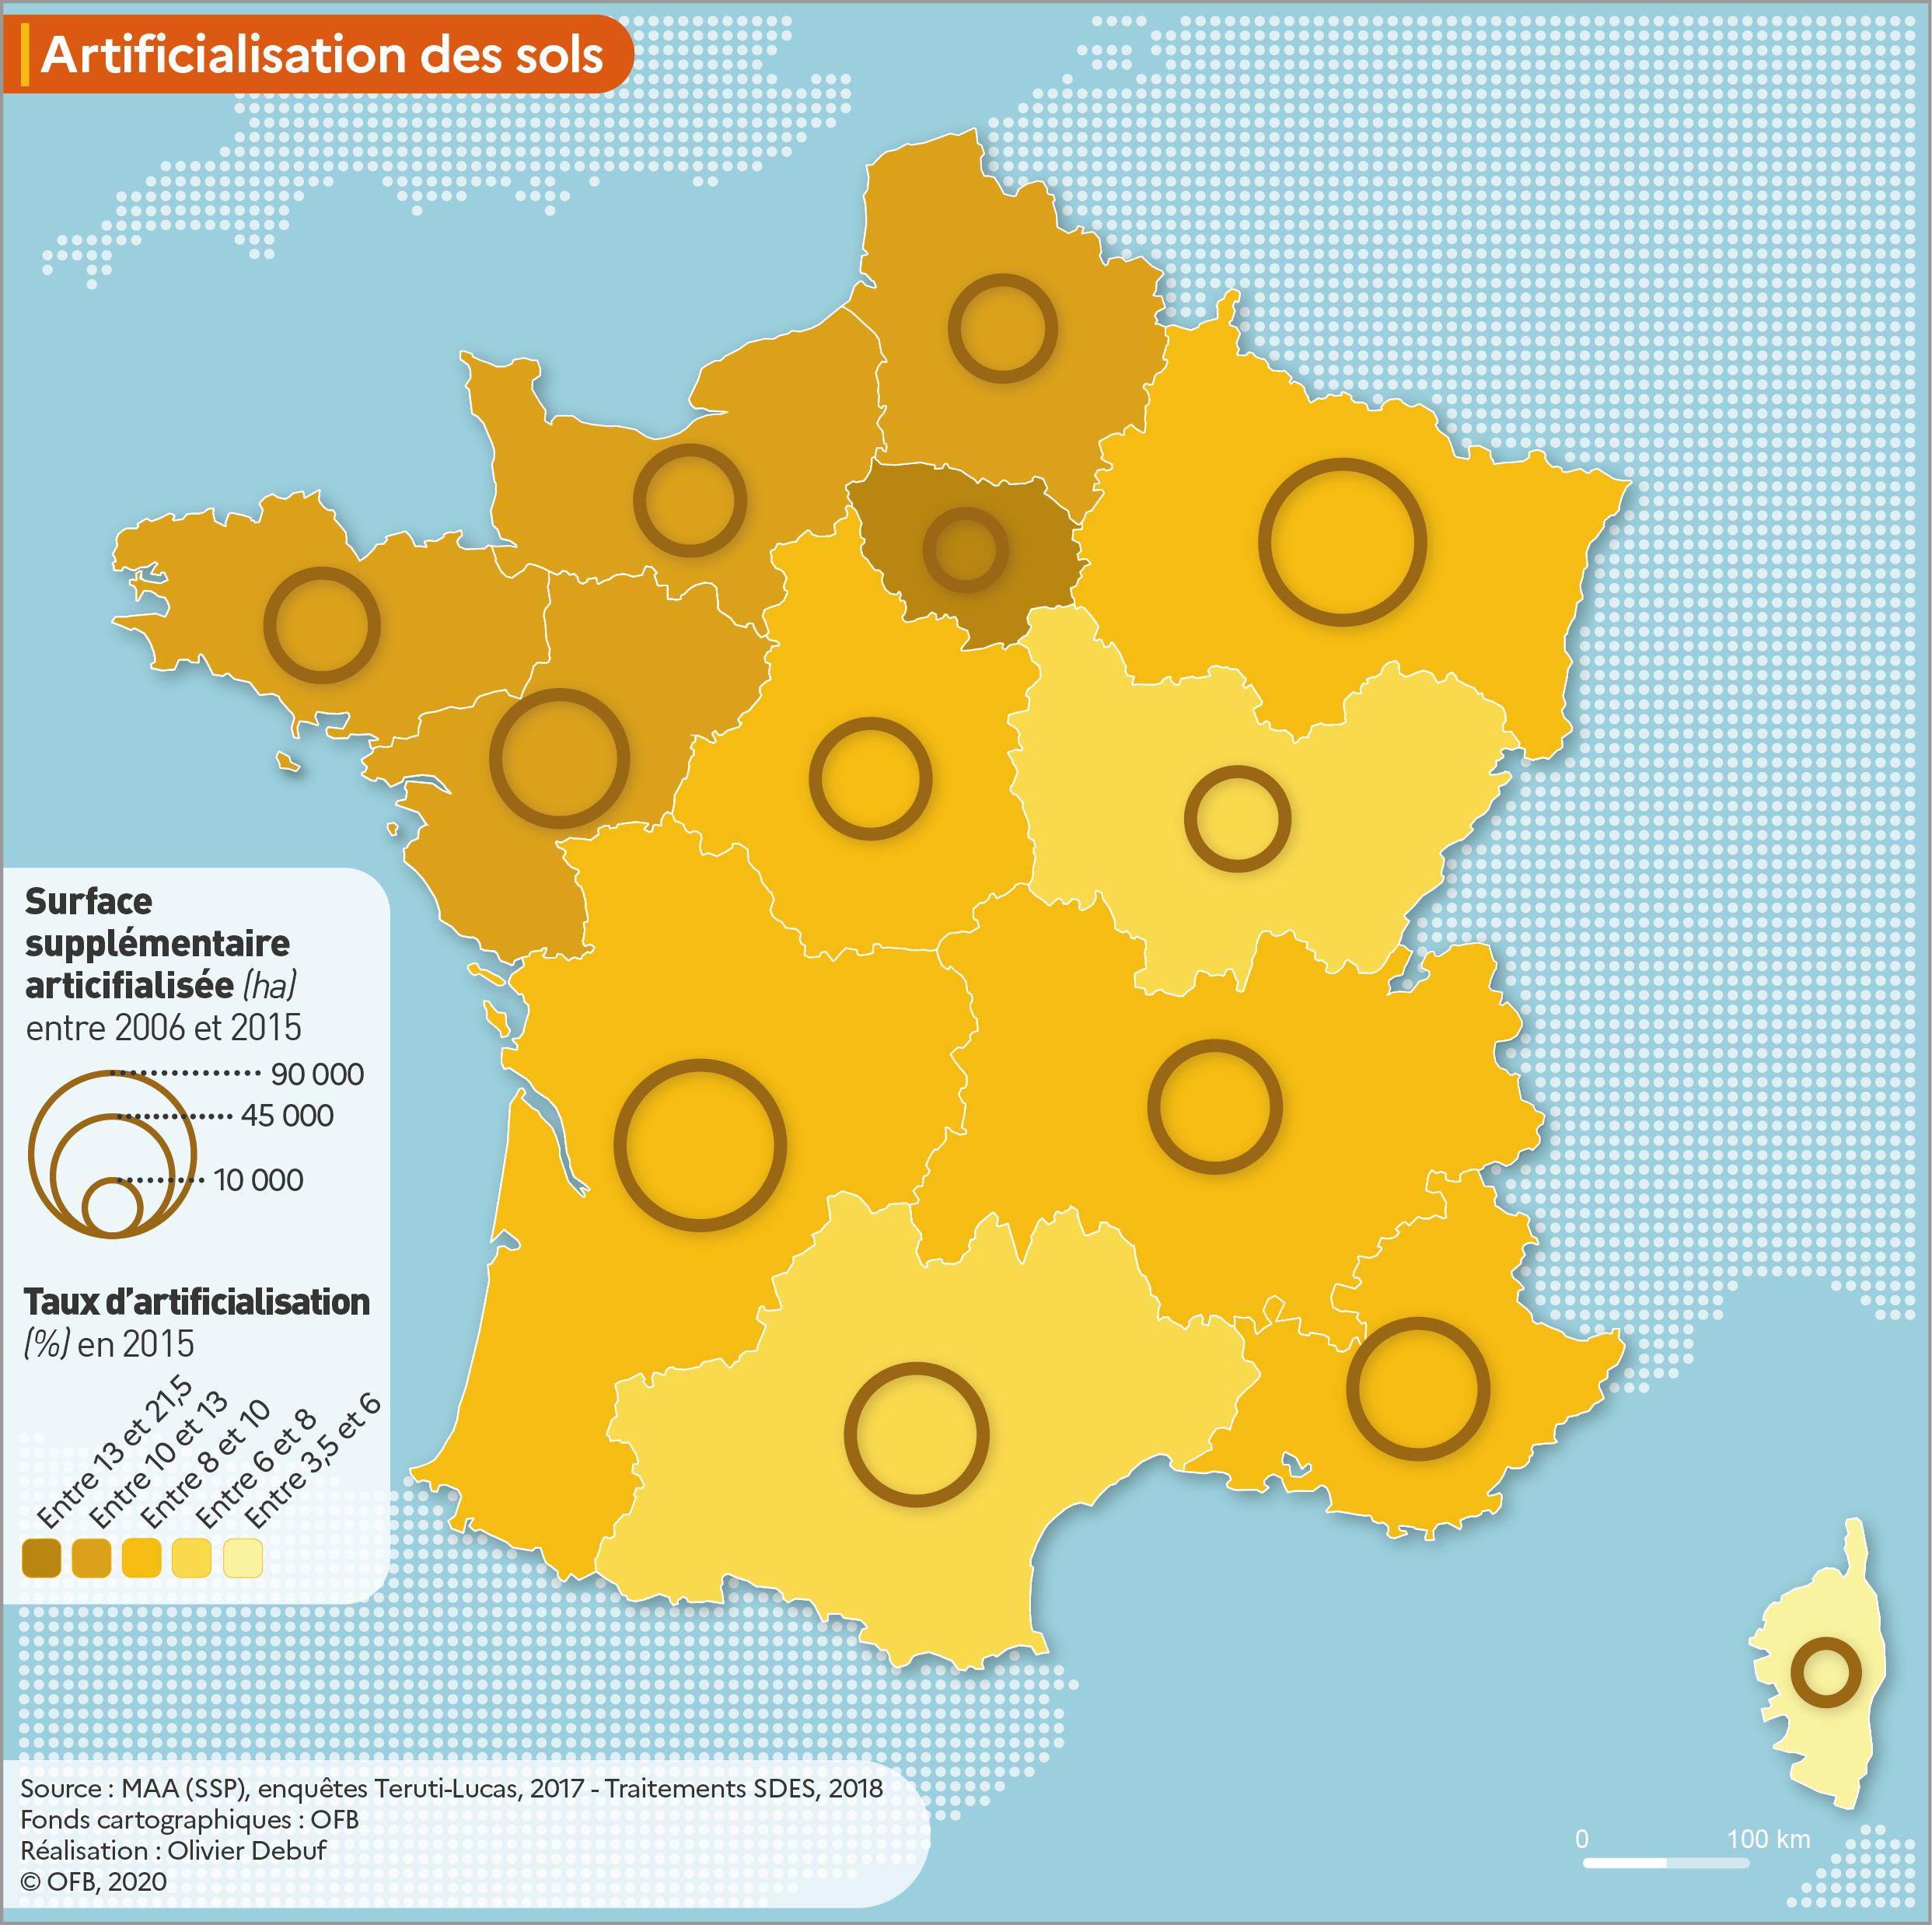 Espaces artificialisés par région en 2015 et surfaces artificialisées depuis 2006 (France métropolitaine)